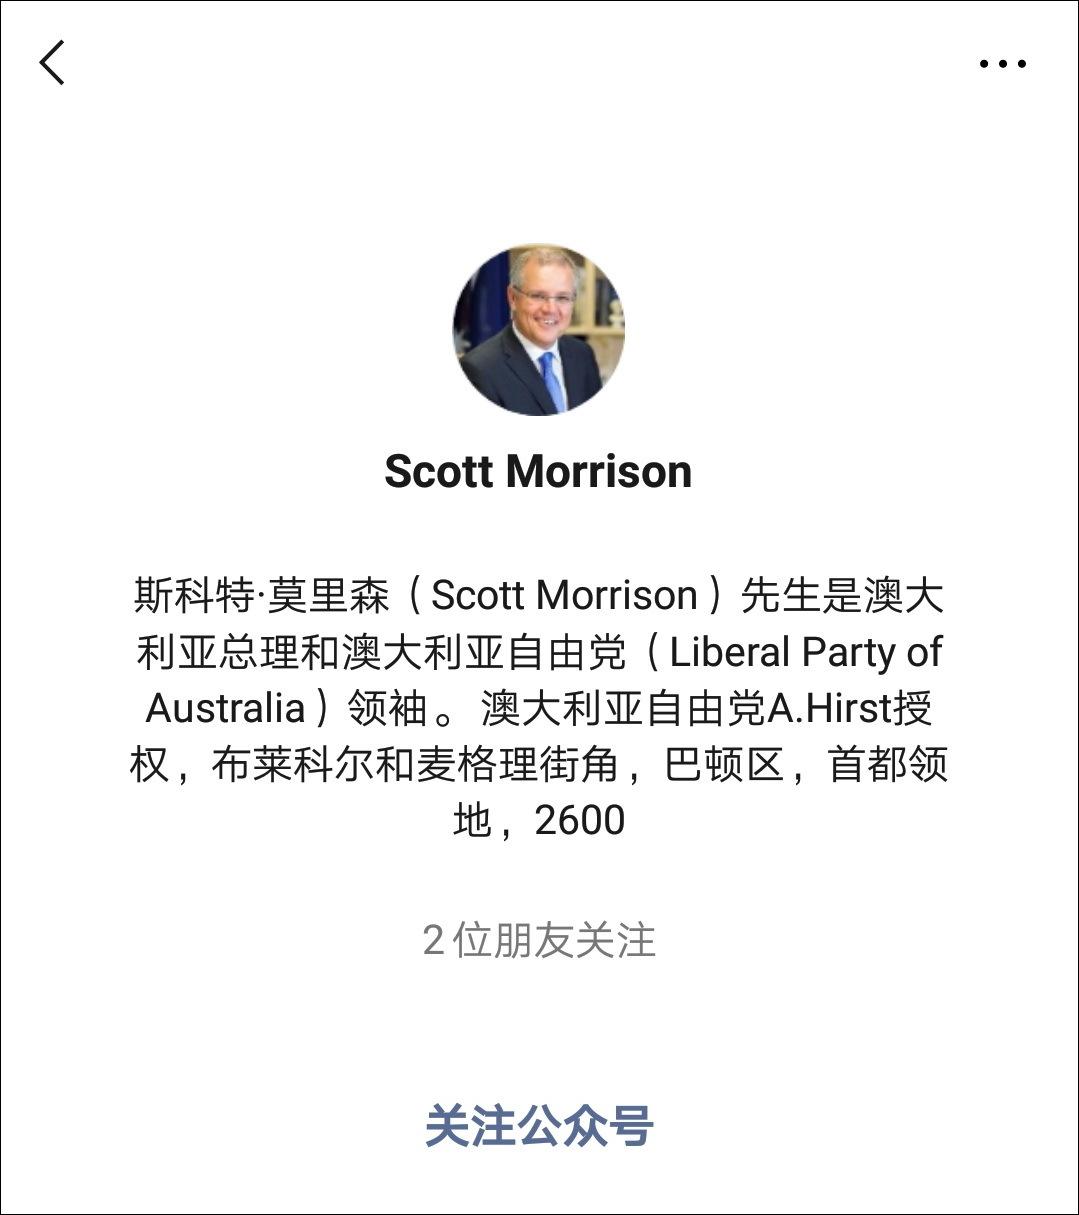 澳大利亚两大政党领袖开通公众号,有何用意?